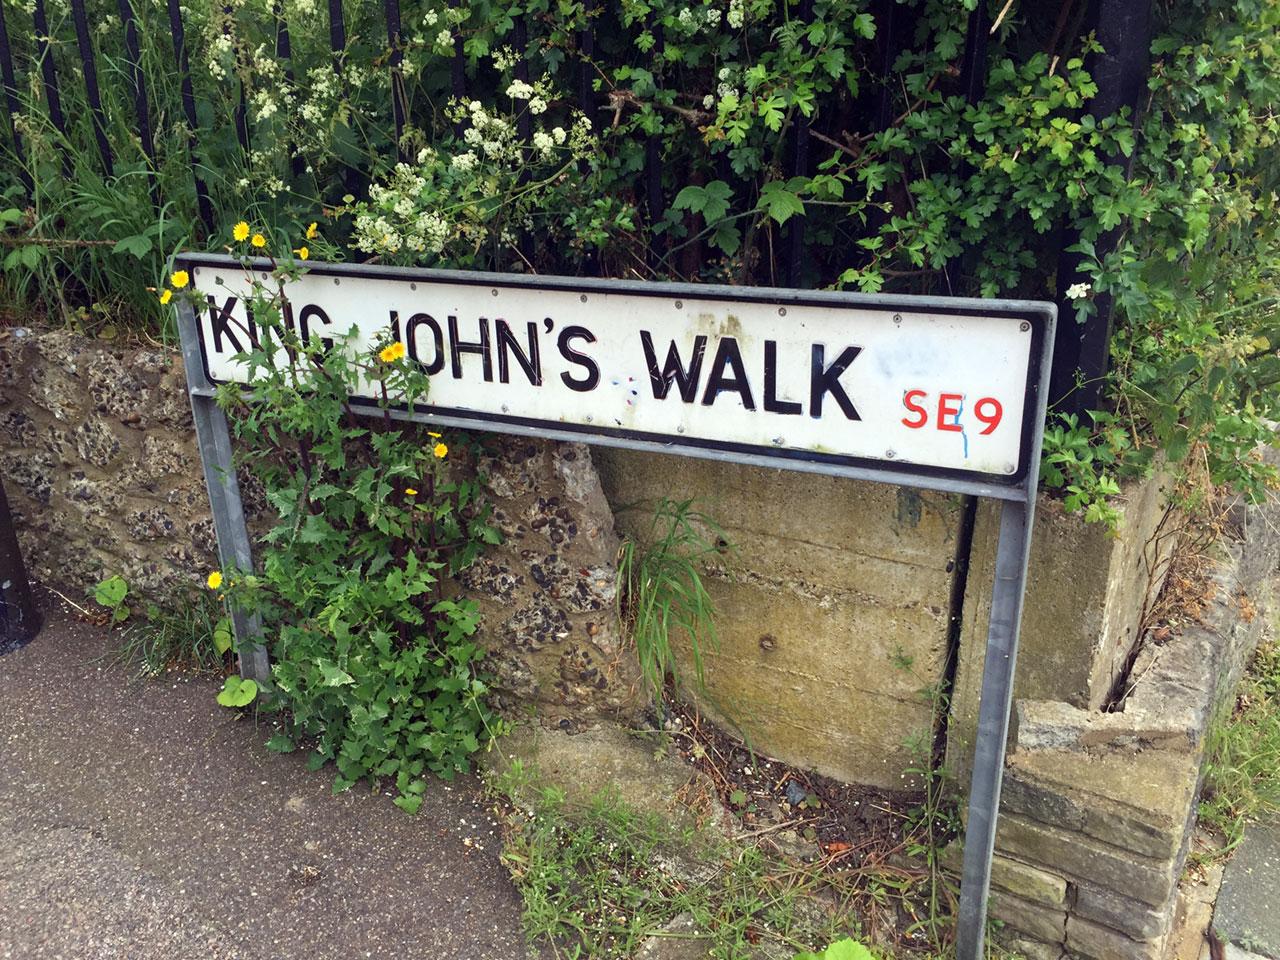 King John's Walk, Eltham street sign